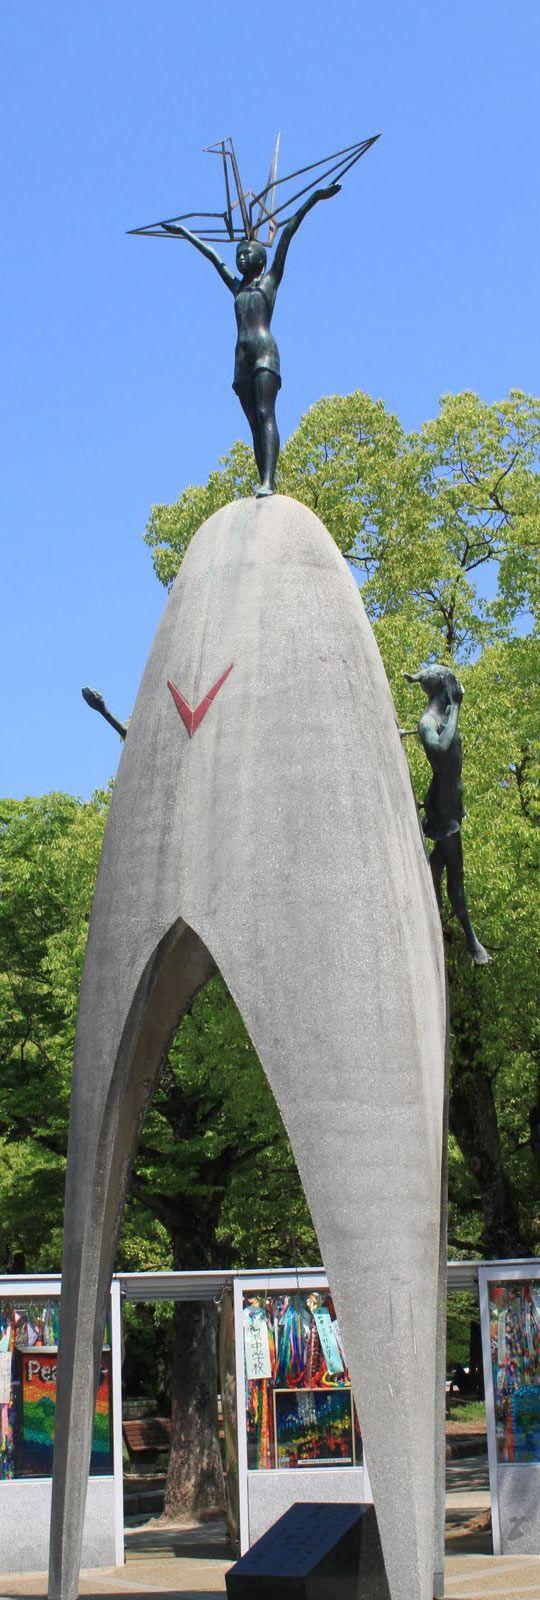 Hiroshima Peace Memorial Park - Hiroshima | Japan